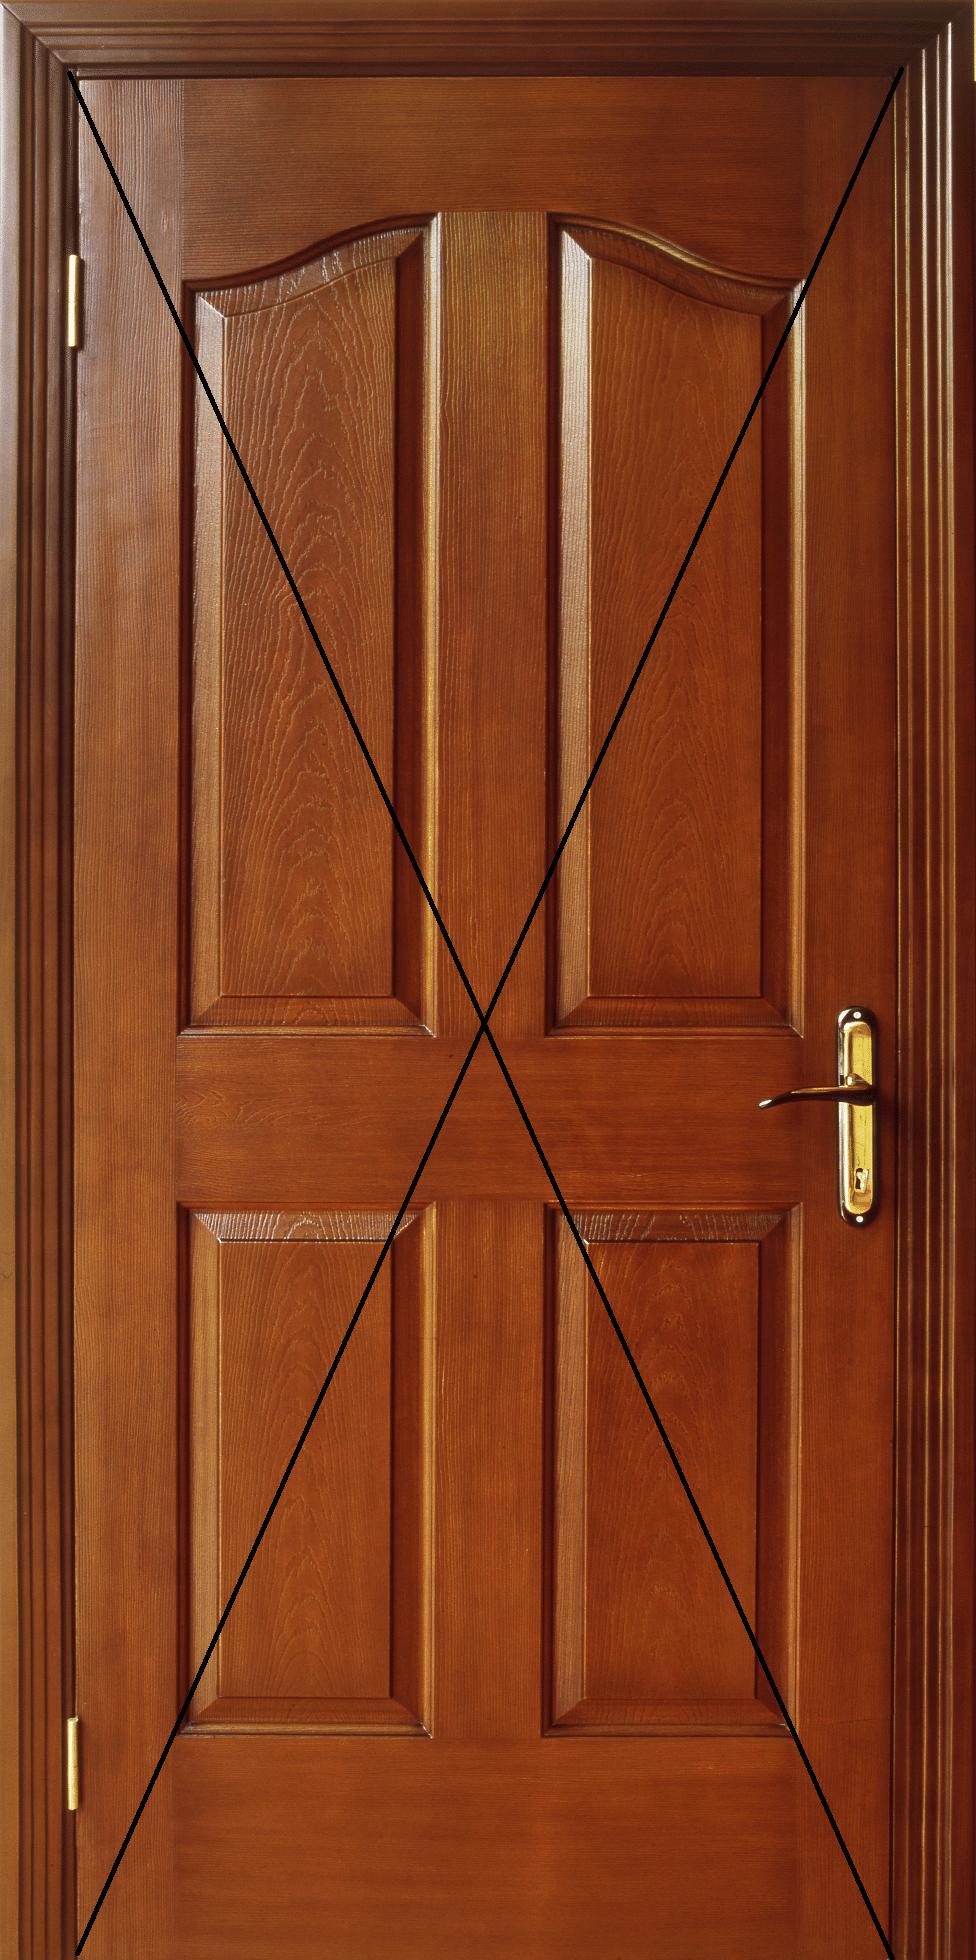 door installation problems, string test